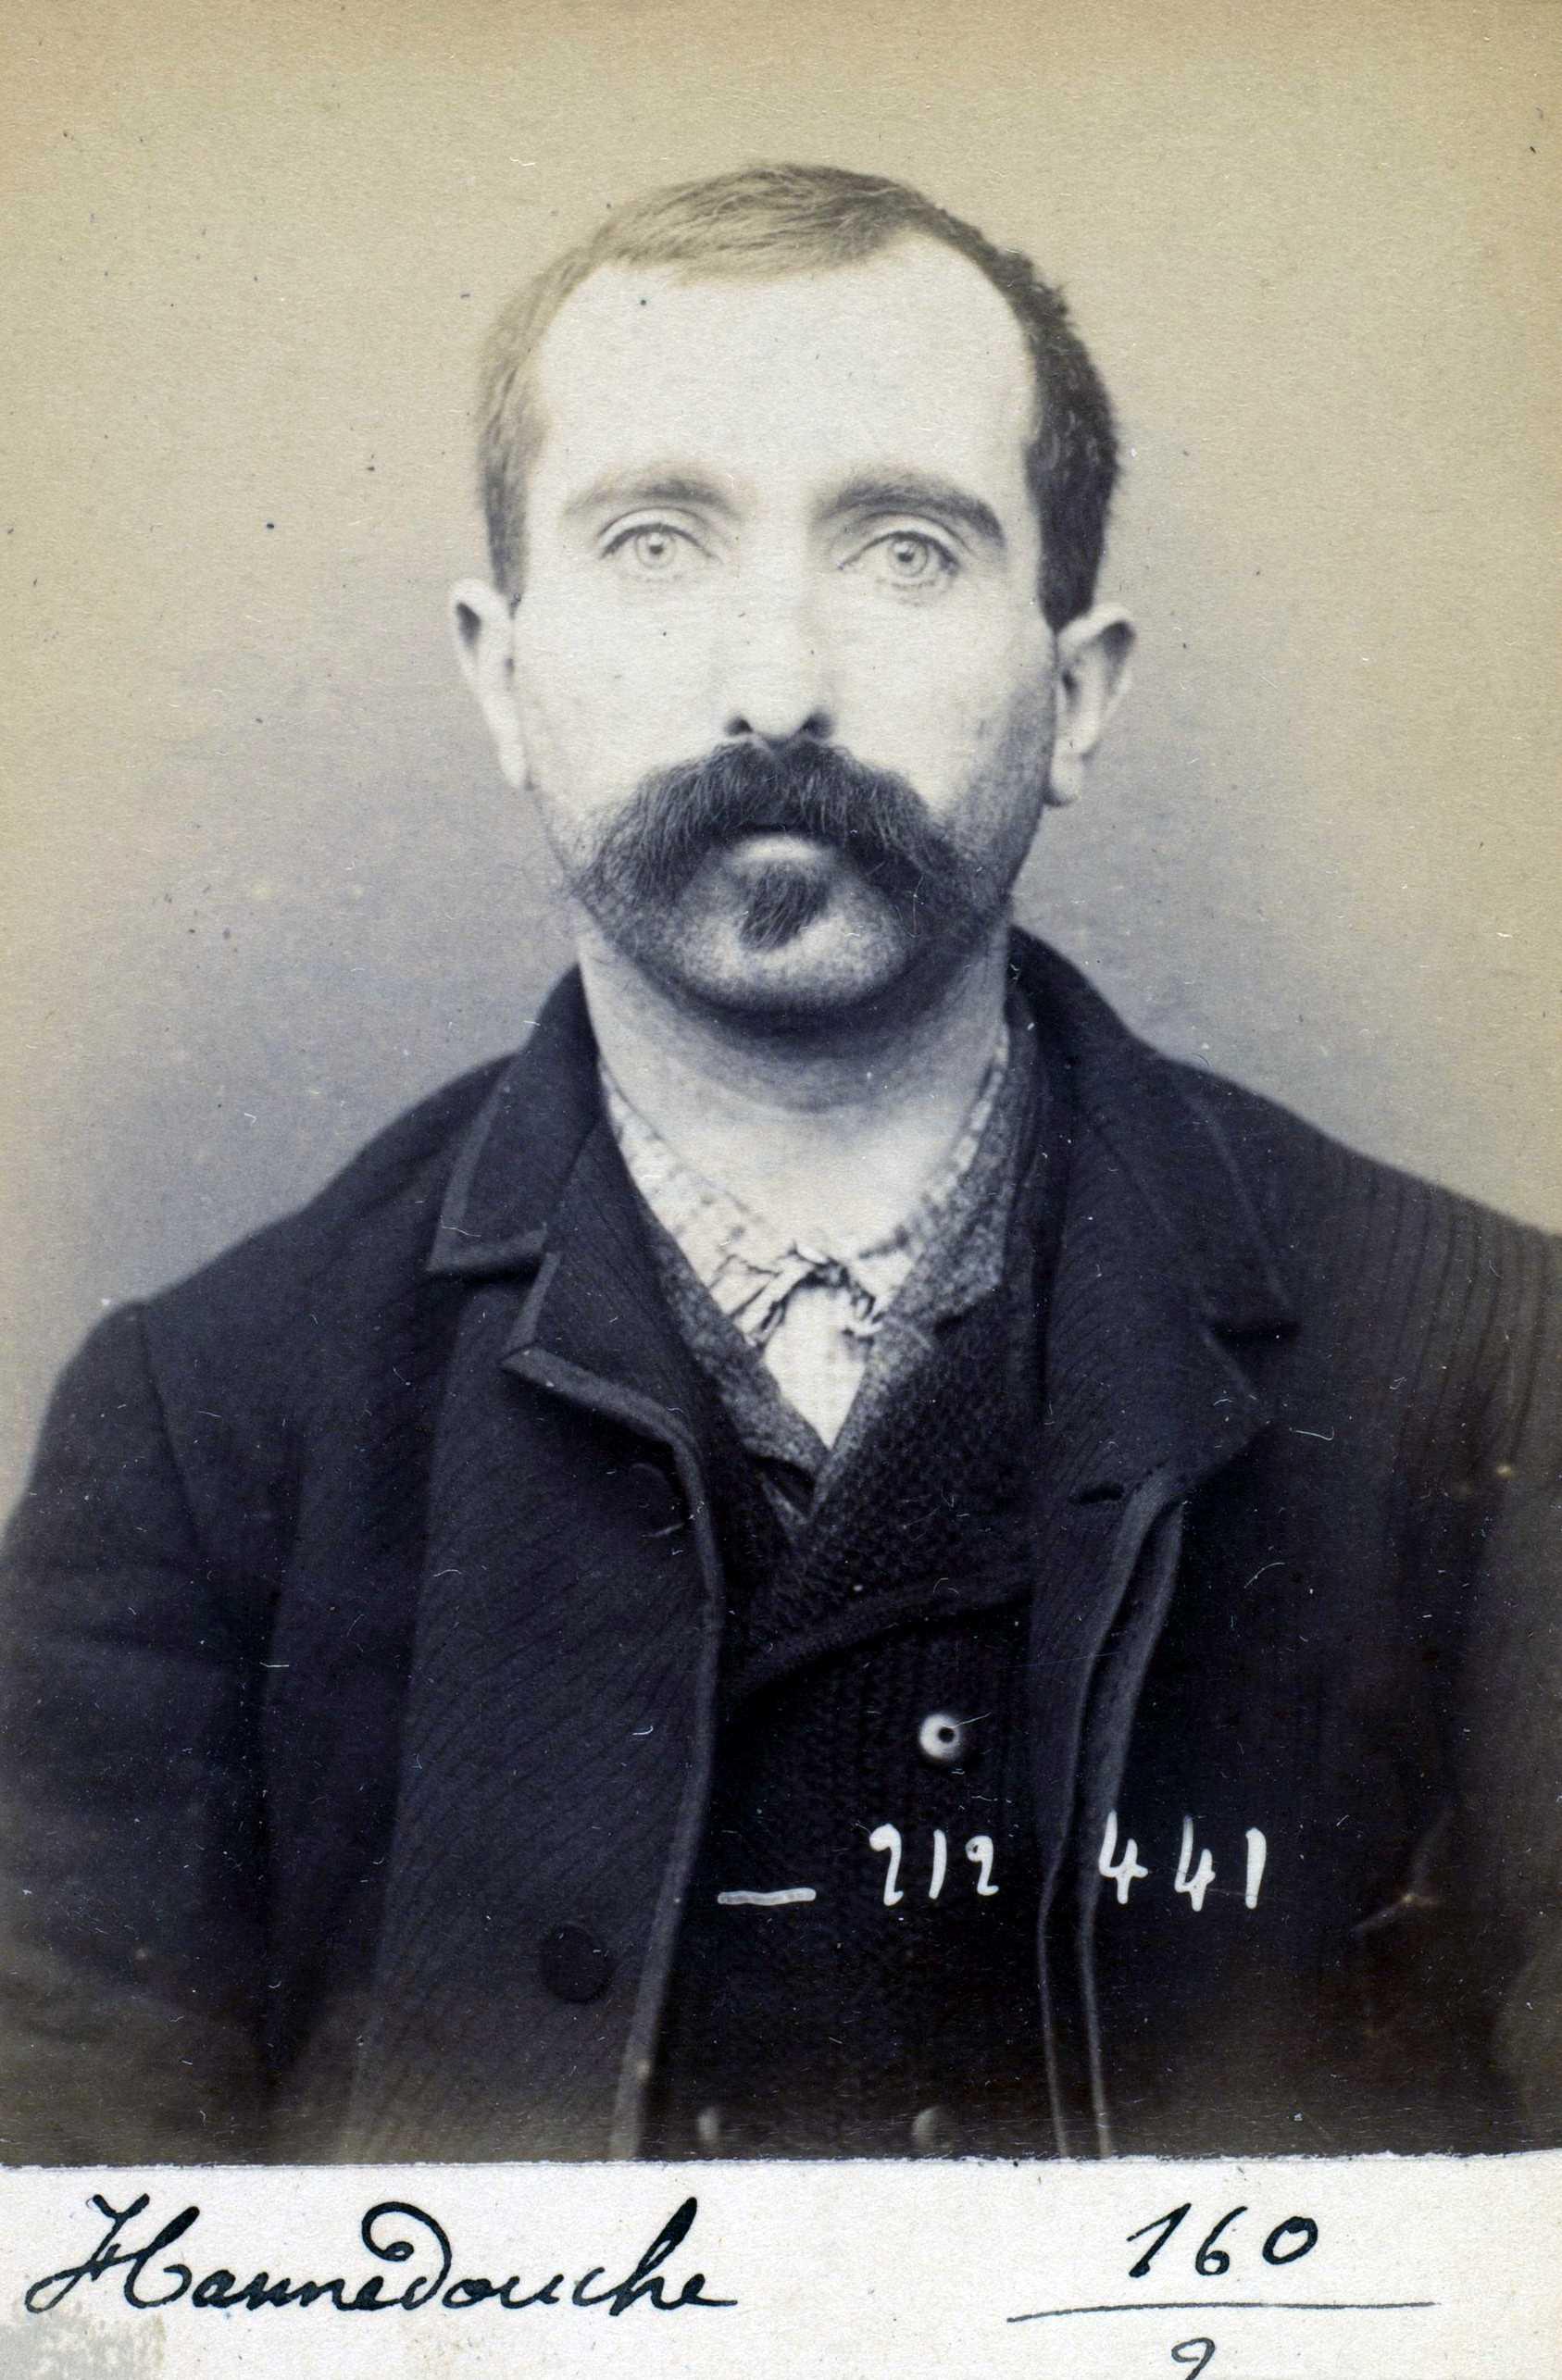 Foto policíaca de François Hannedouche (1 de gener de 1894)